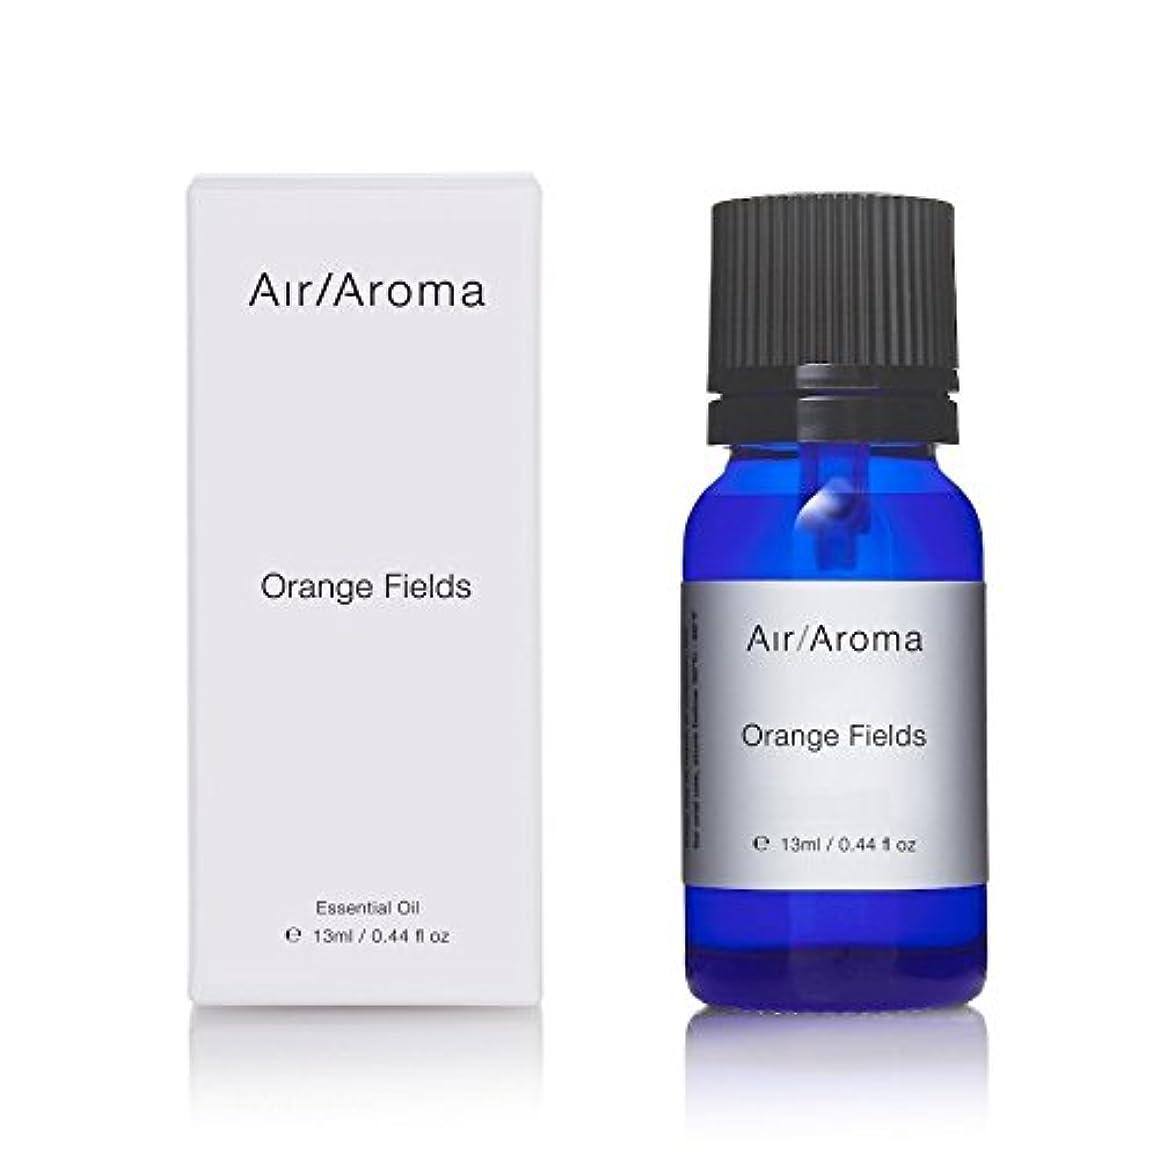 今日歌詞ぬいぐるみエアアロマ orange fields (オレンジフィールド) 13ml